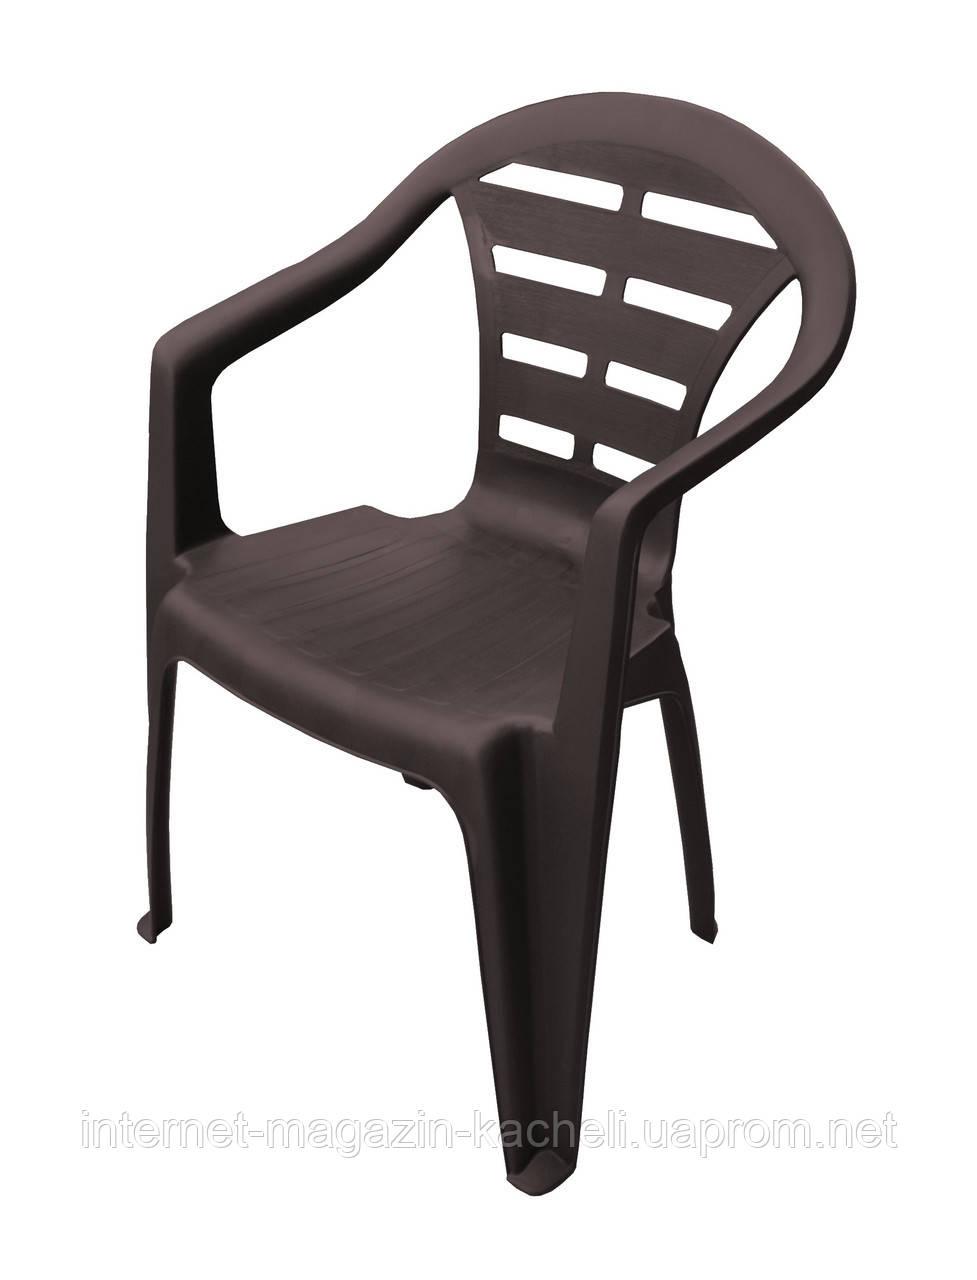 Кресло пластиковое MOYO коричневое